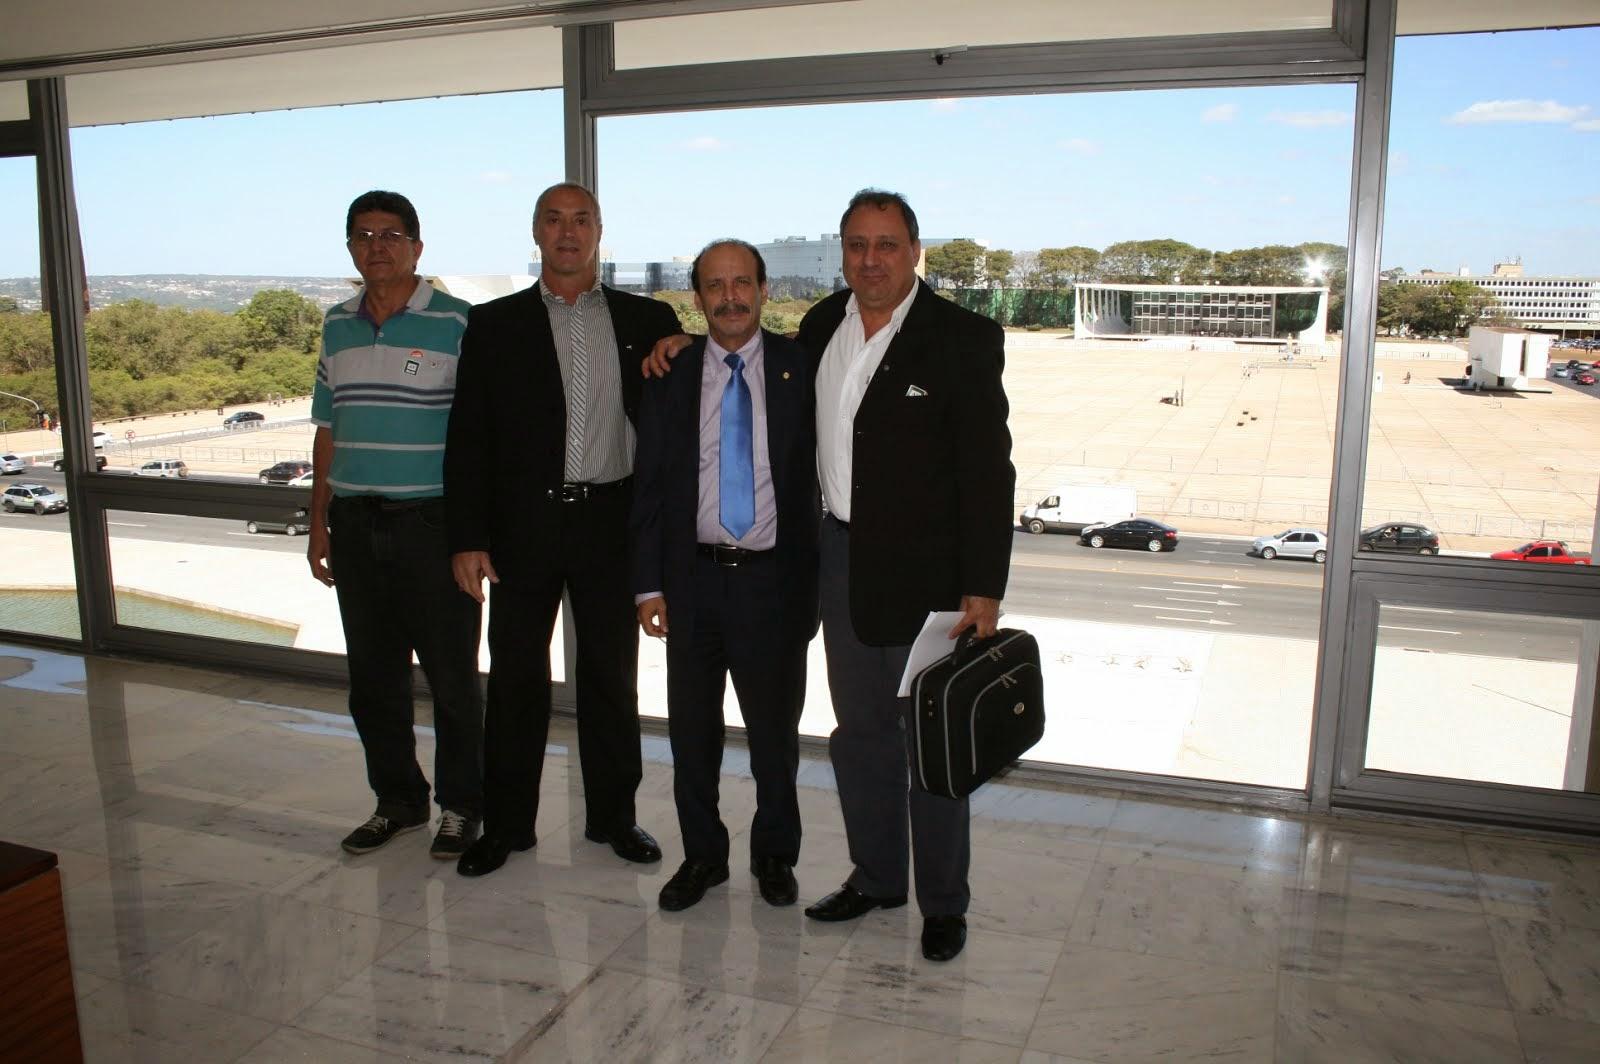 QPS E LIDERANÇA DE MINAS/BARBACENA AGUARDANDO AUDIENCIA COM MINISTRO  RICARDO BERZOINI